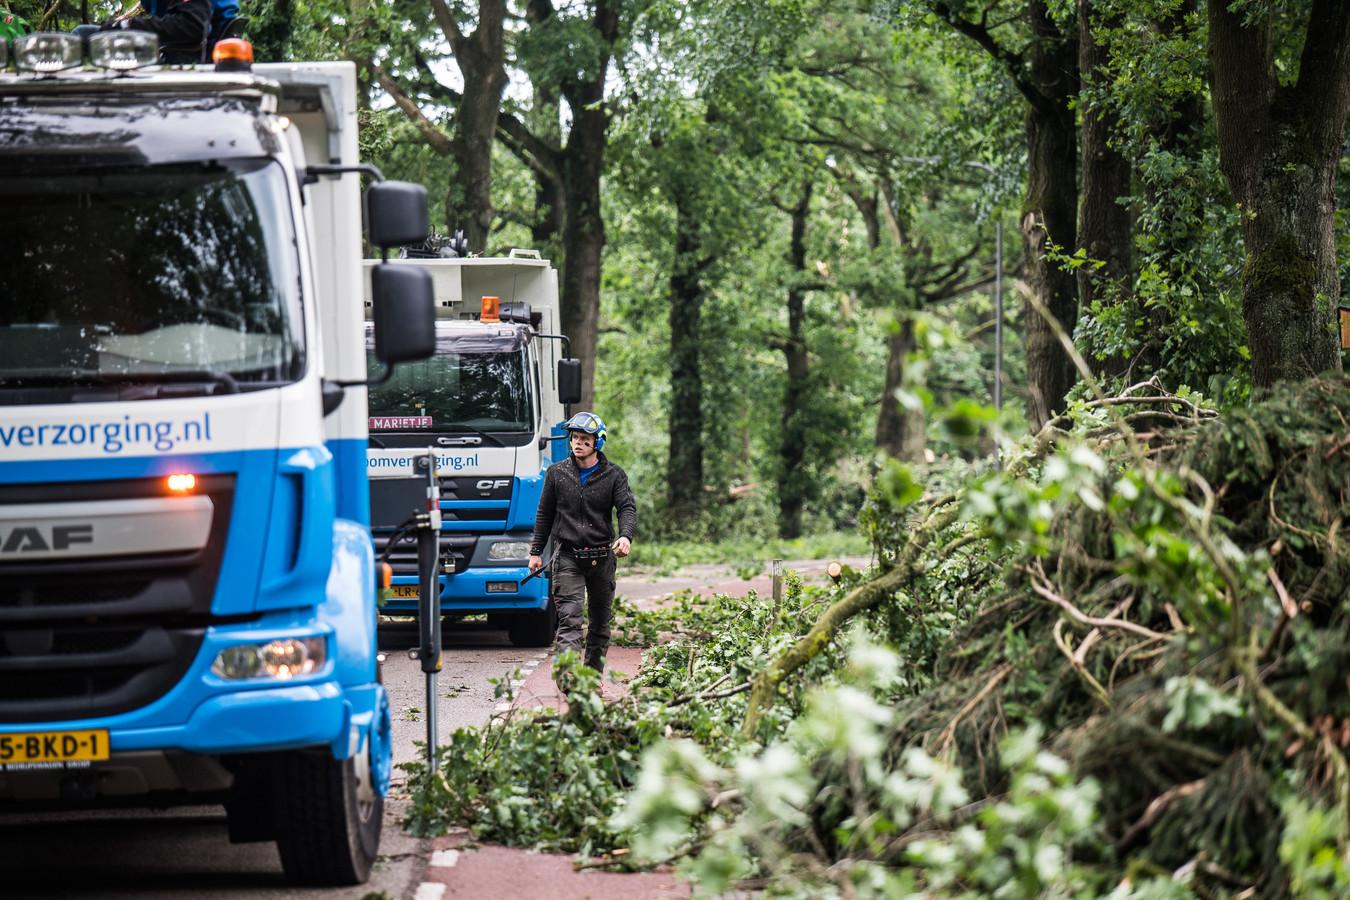 In de afgelopen twee dagen is hard gewerkt om alle schade op te ruimen, aldus de gemeente Rheden.